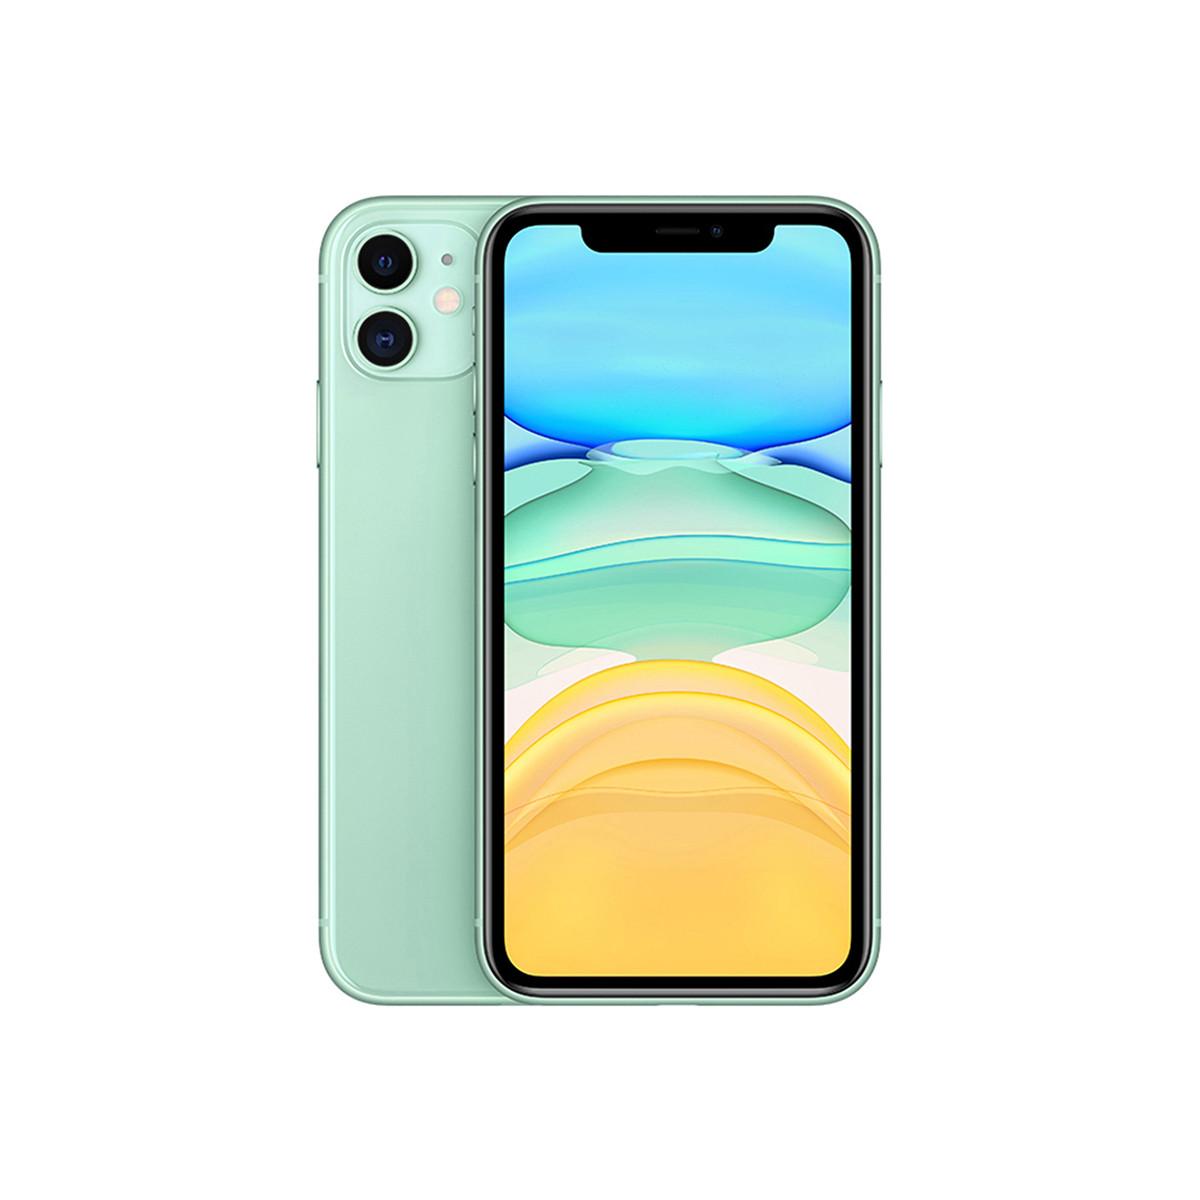 苹果iPhone 11 128GB【转接头套餐】双卡双待 全网通 4G手机苹果iphone11-TC1绿色128G